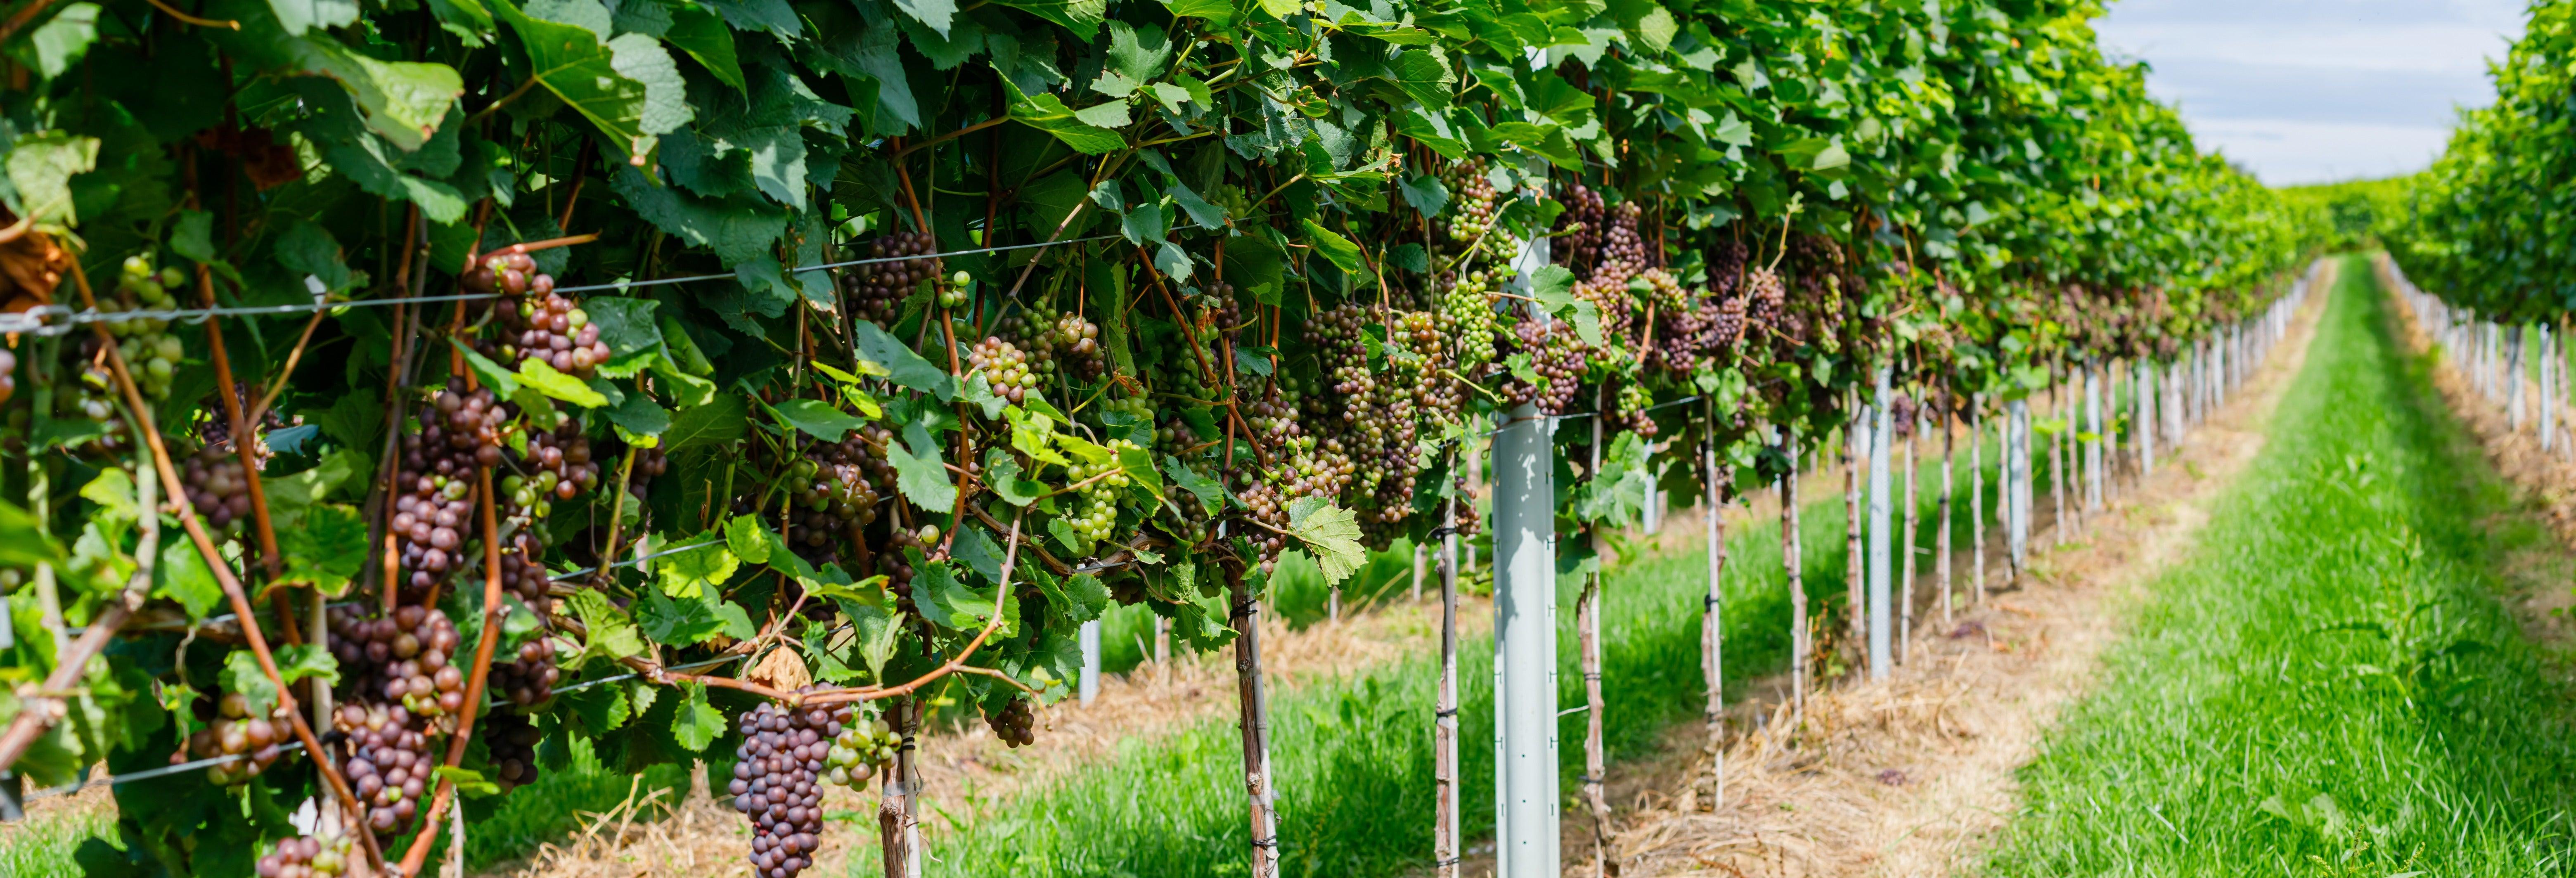 Rota do vinho pela Alsácia